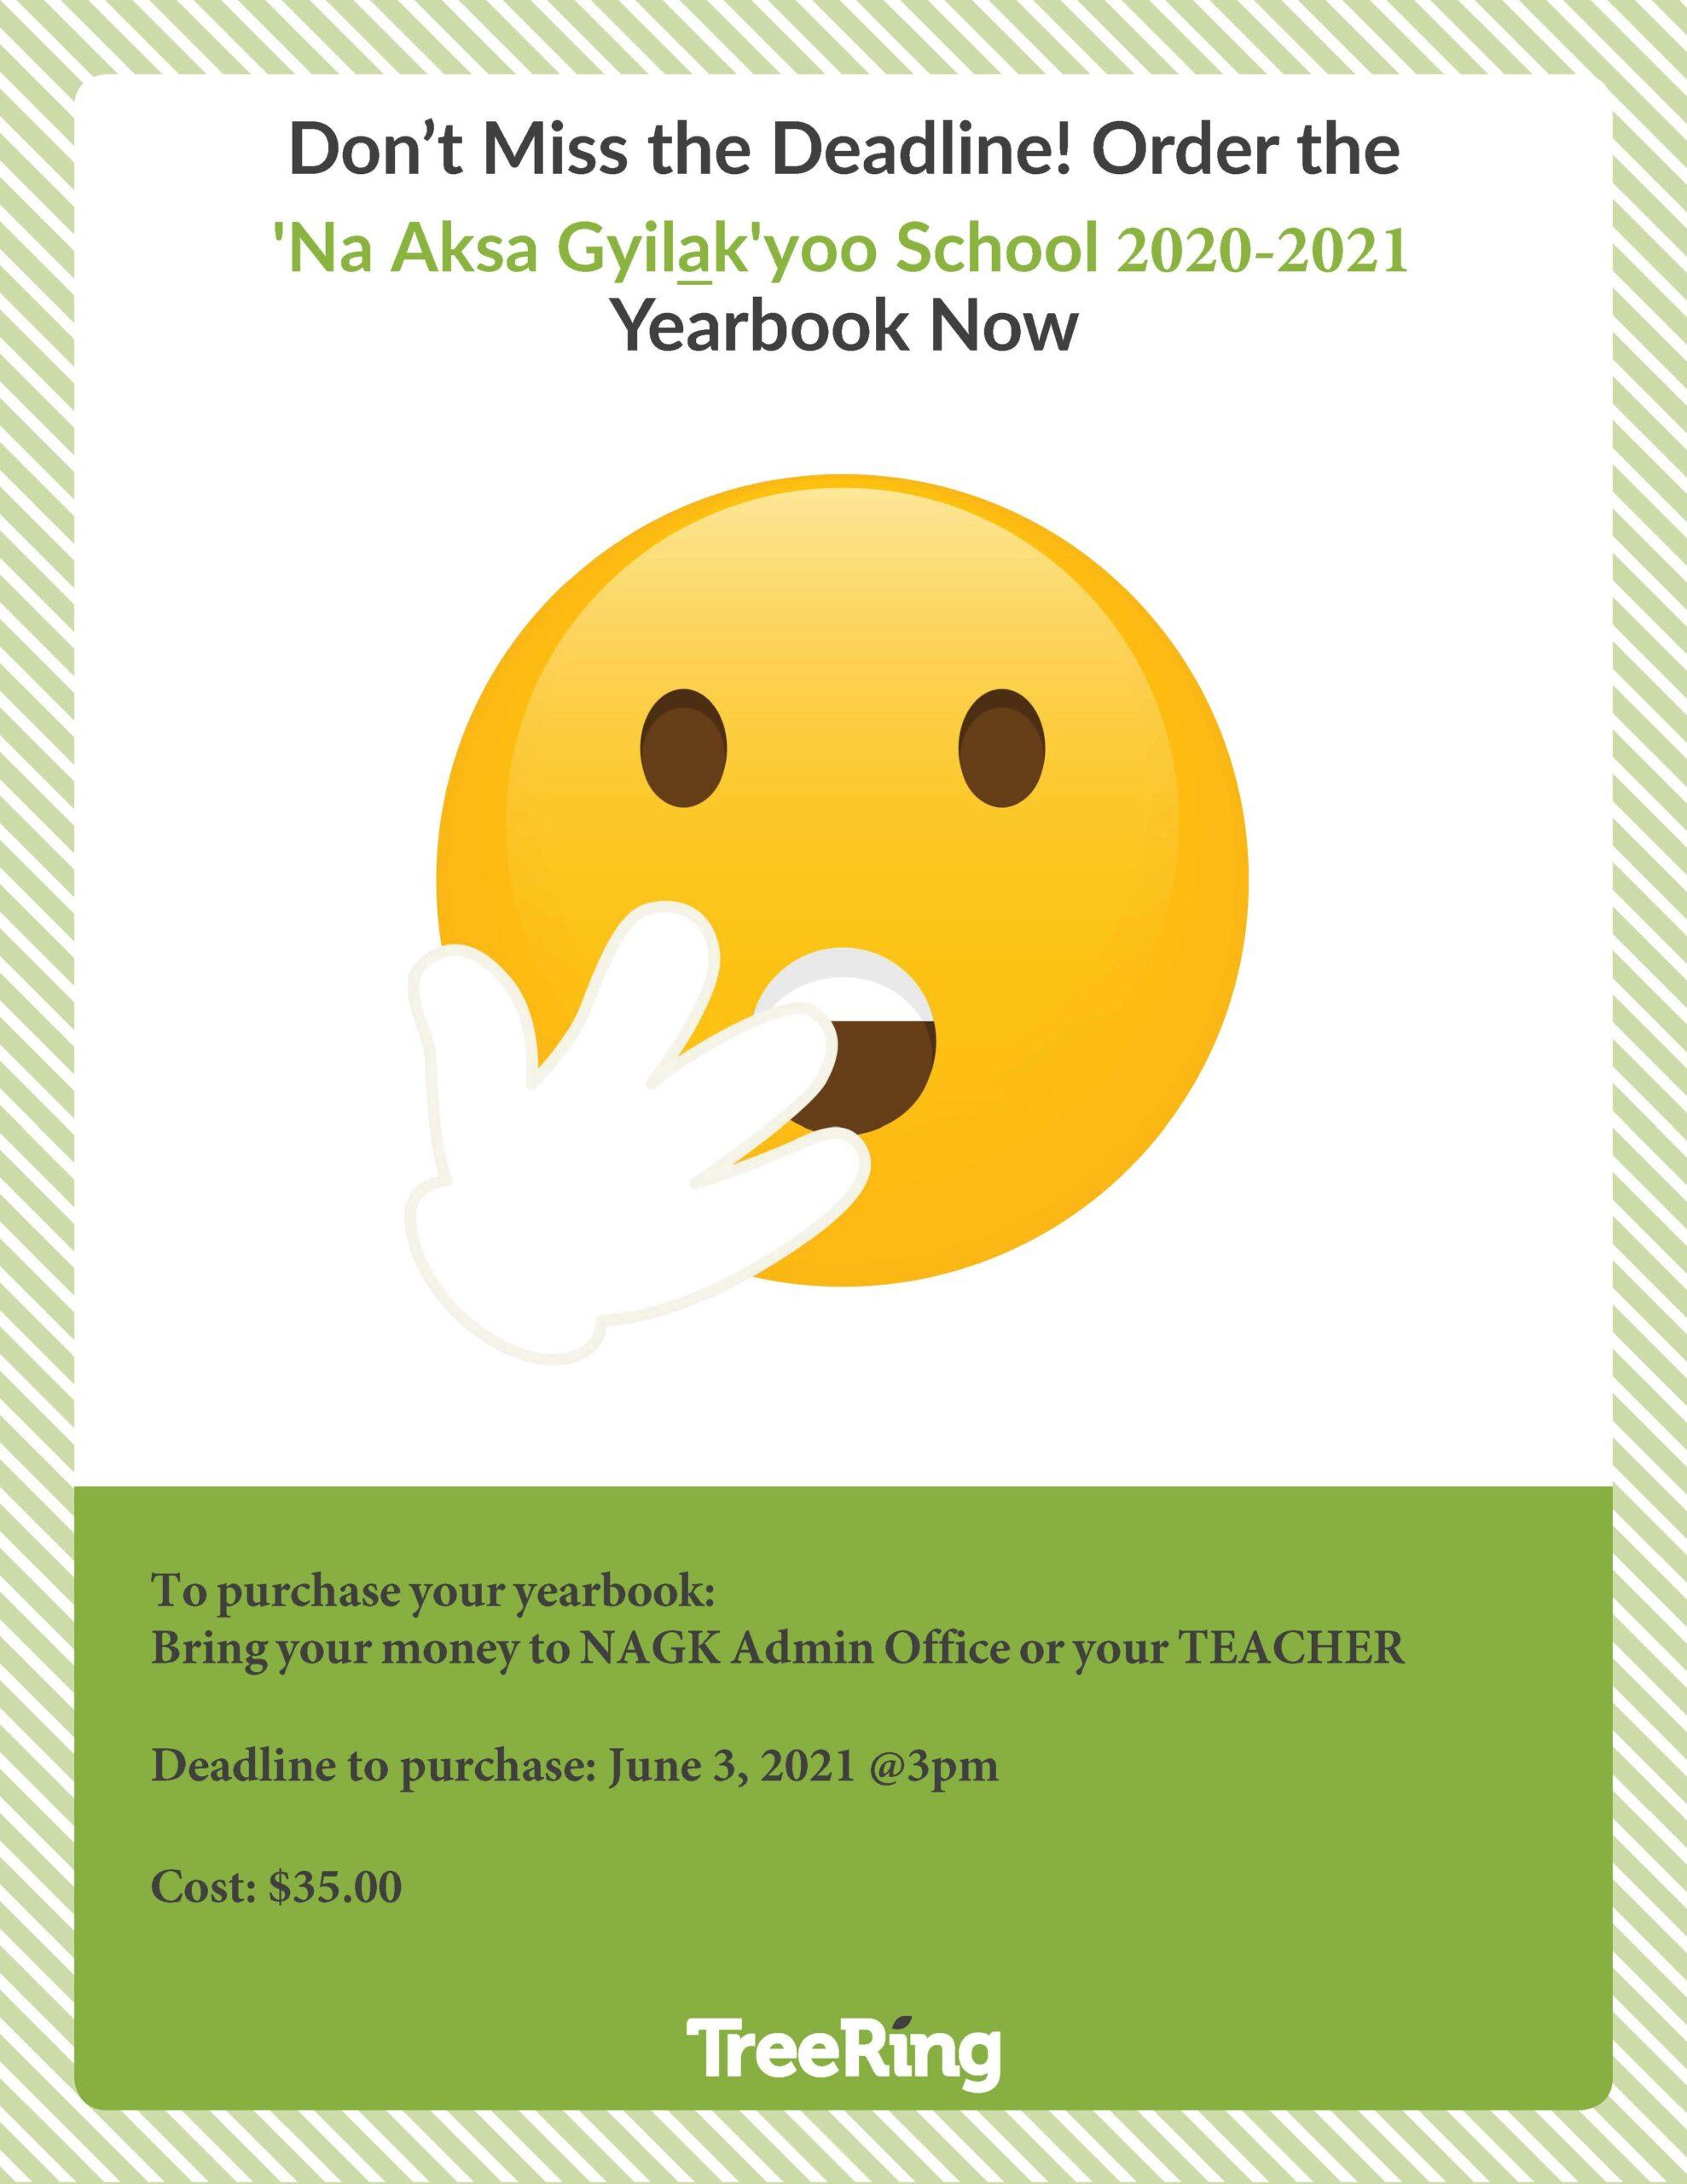 NAGK 2020-21 Yearbook Sales